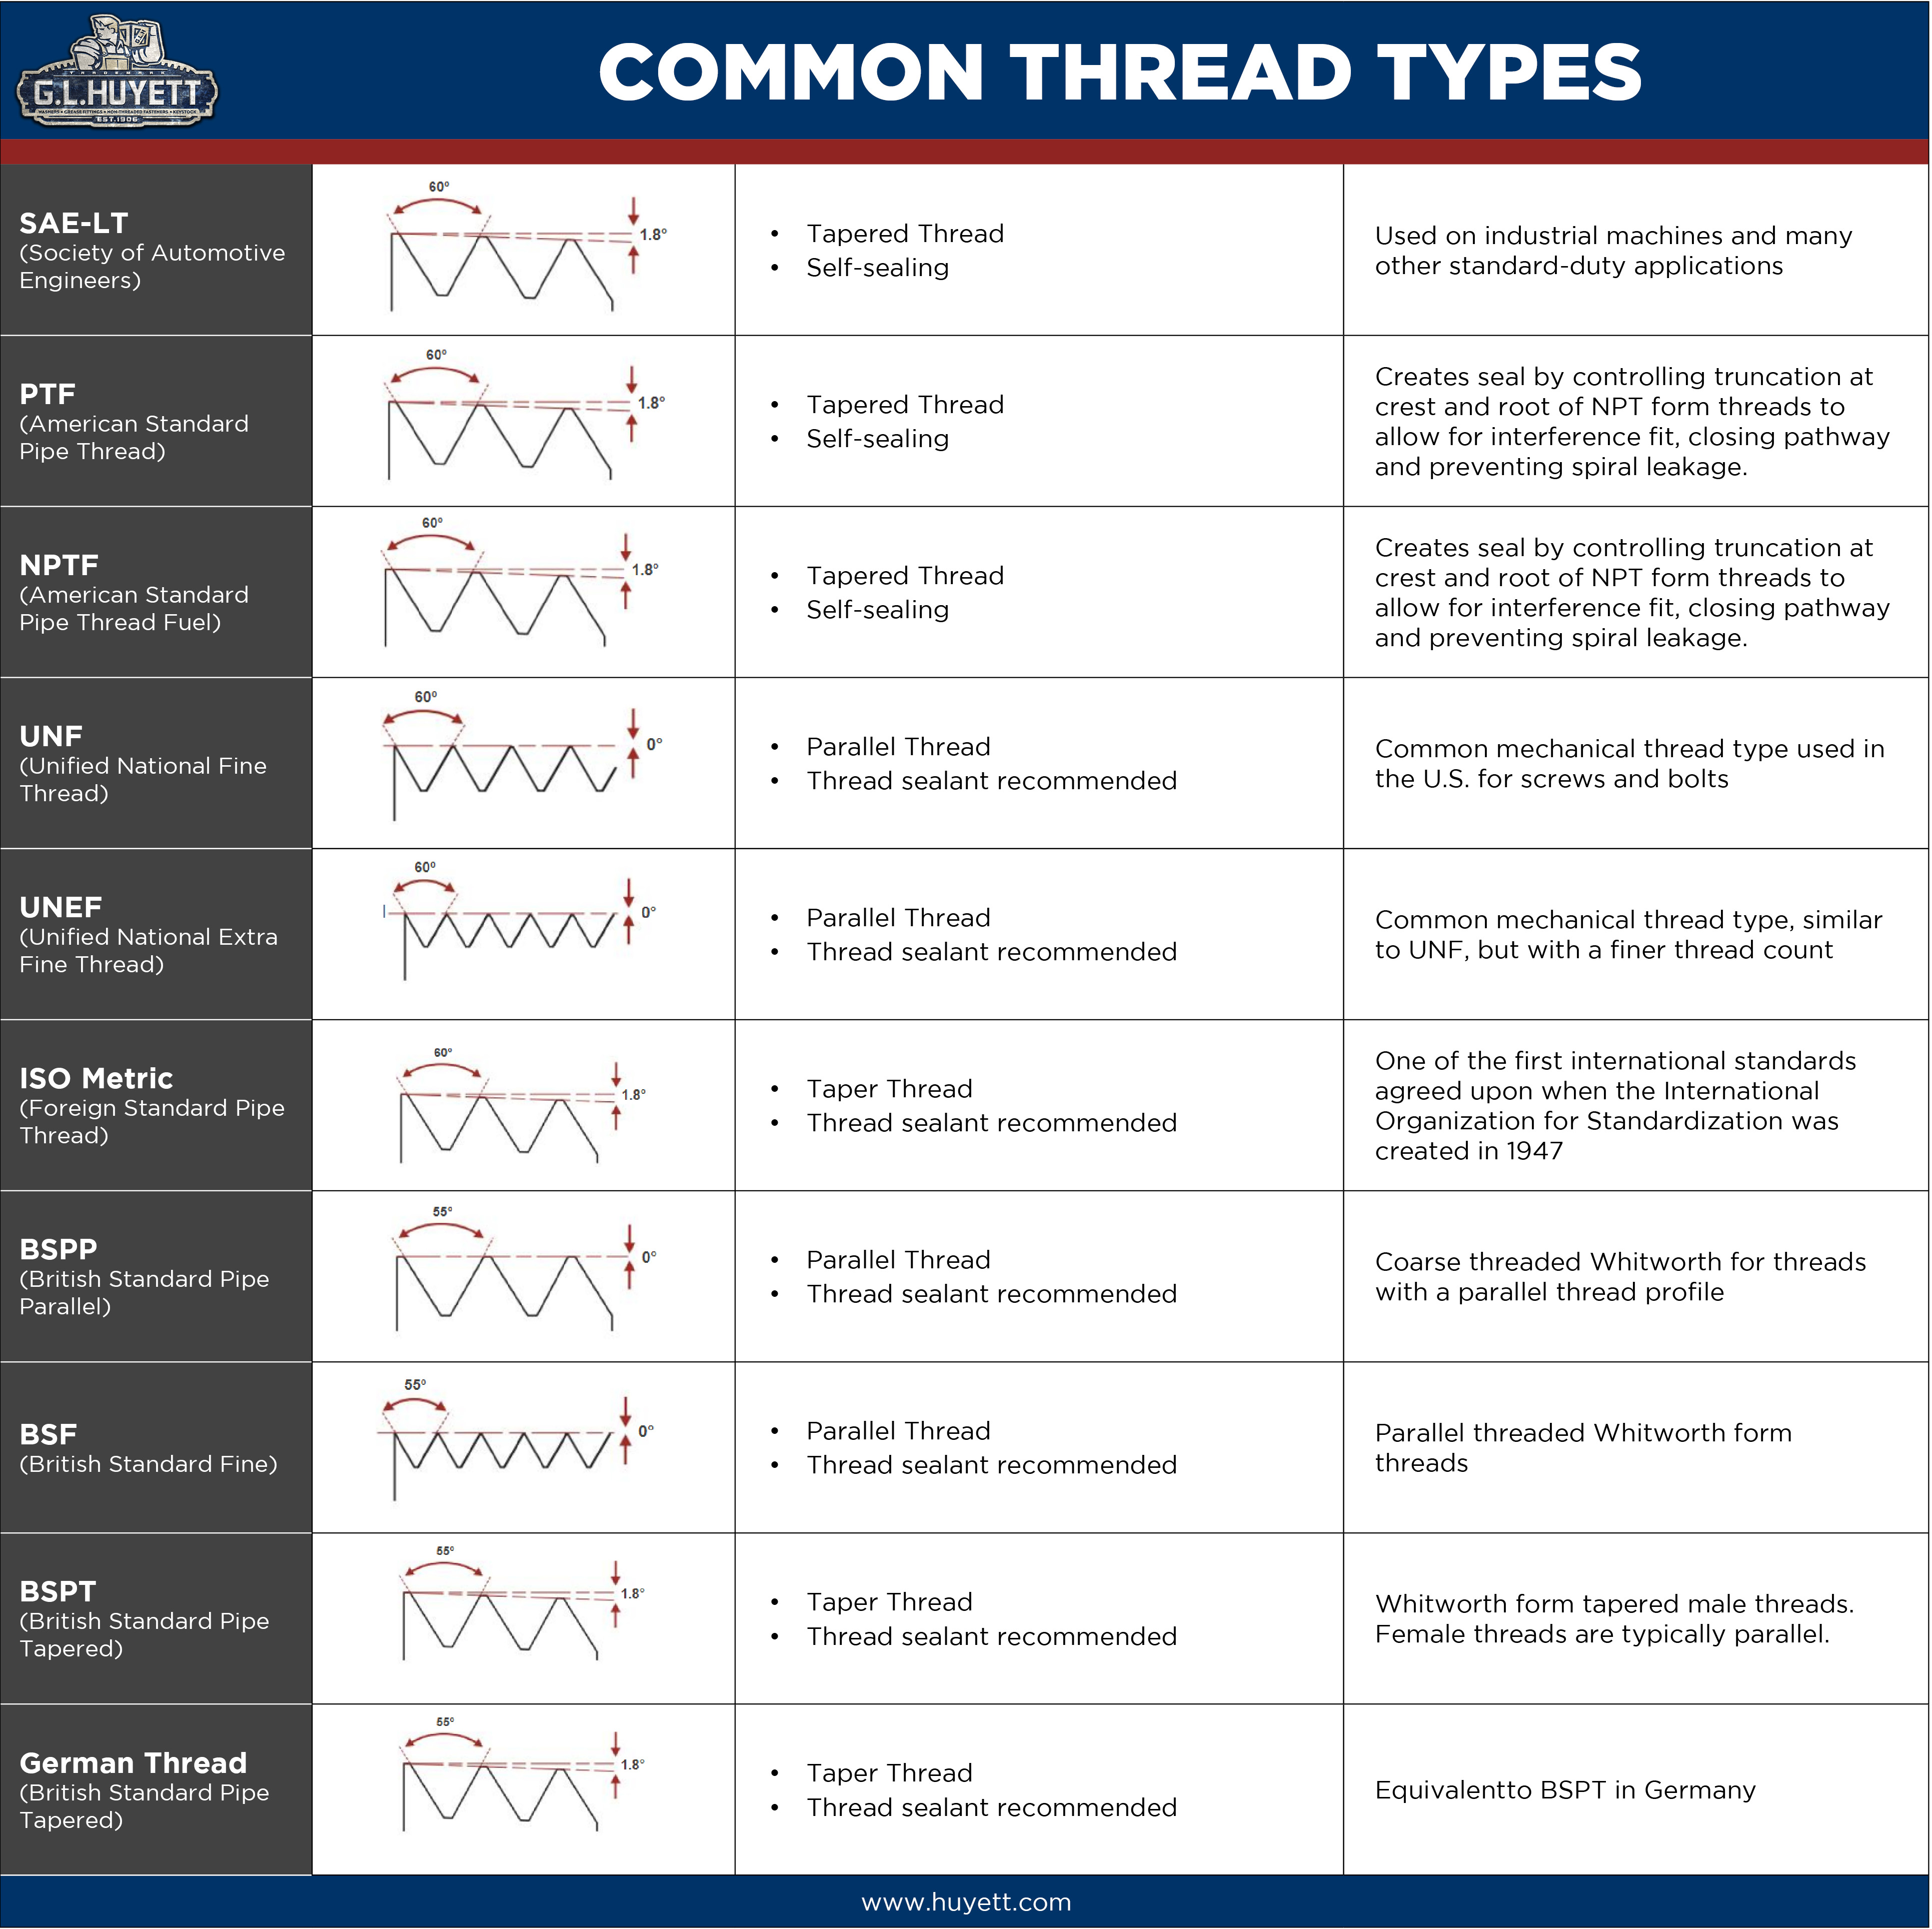 Common Thread Types